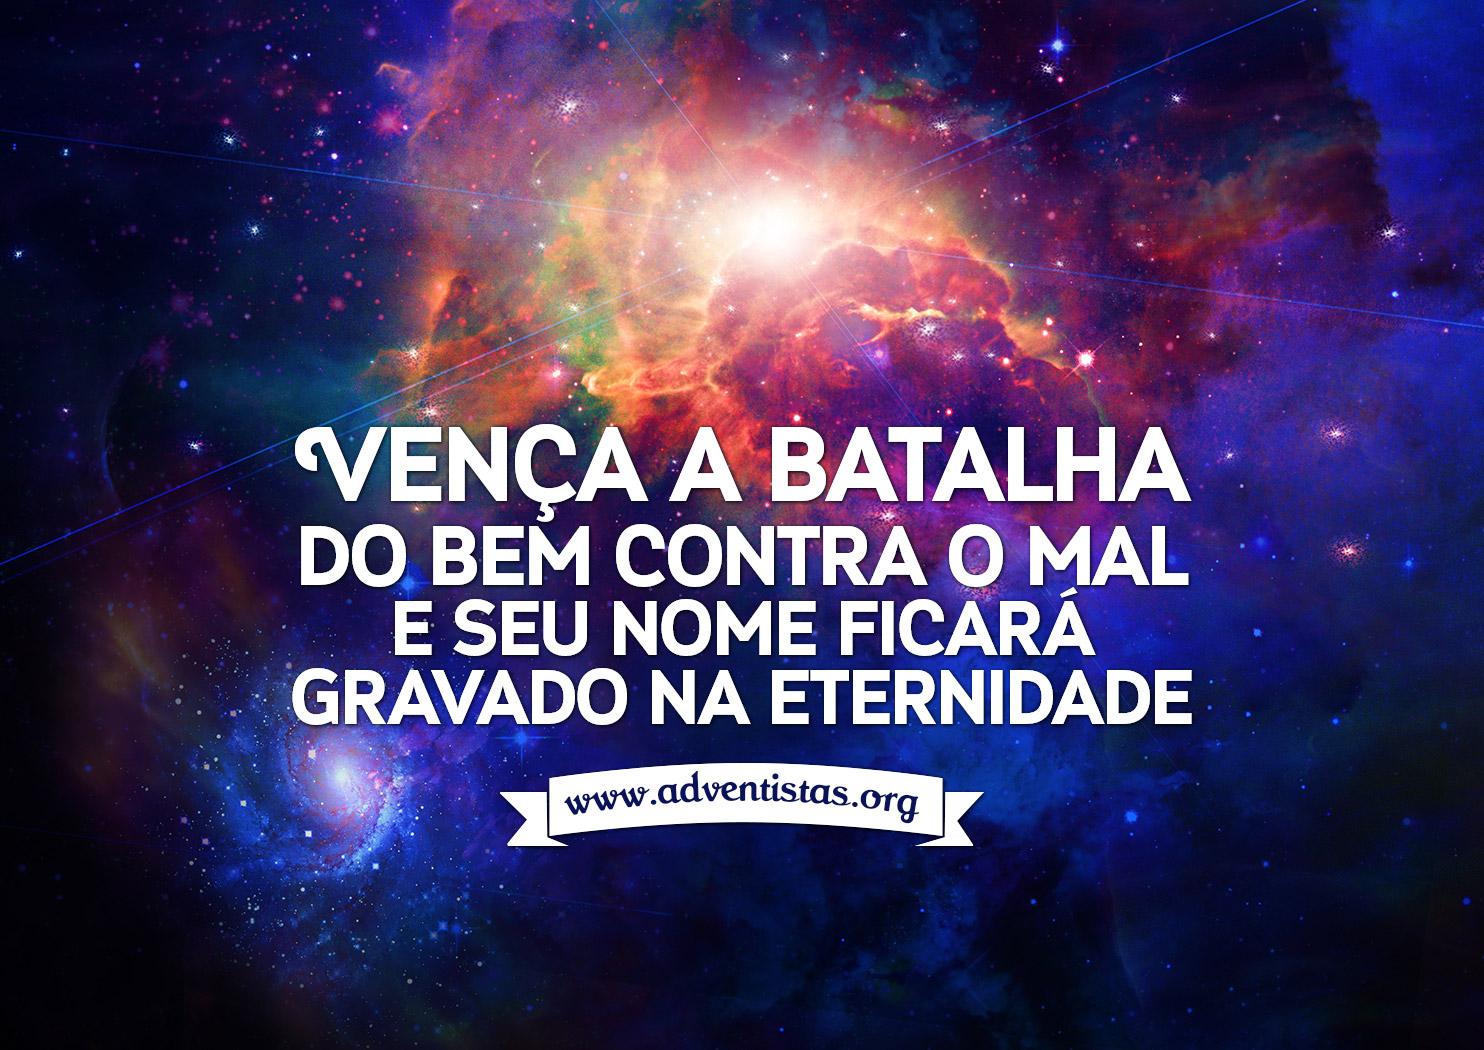 site_venca_a-batalha